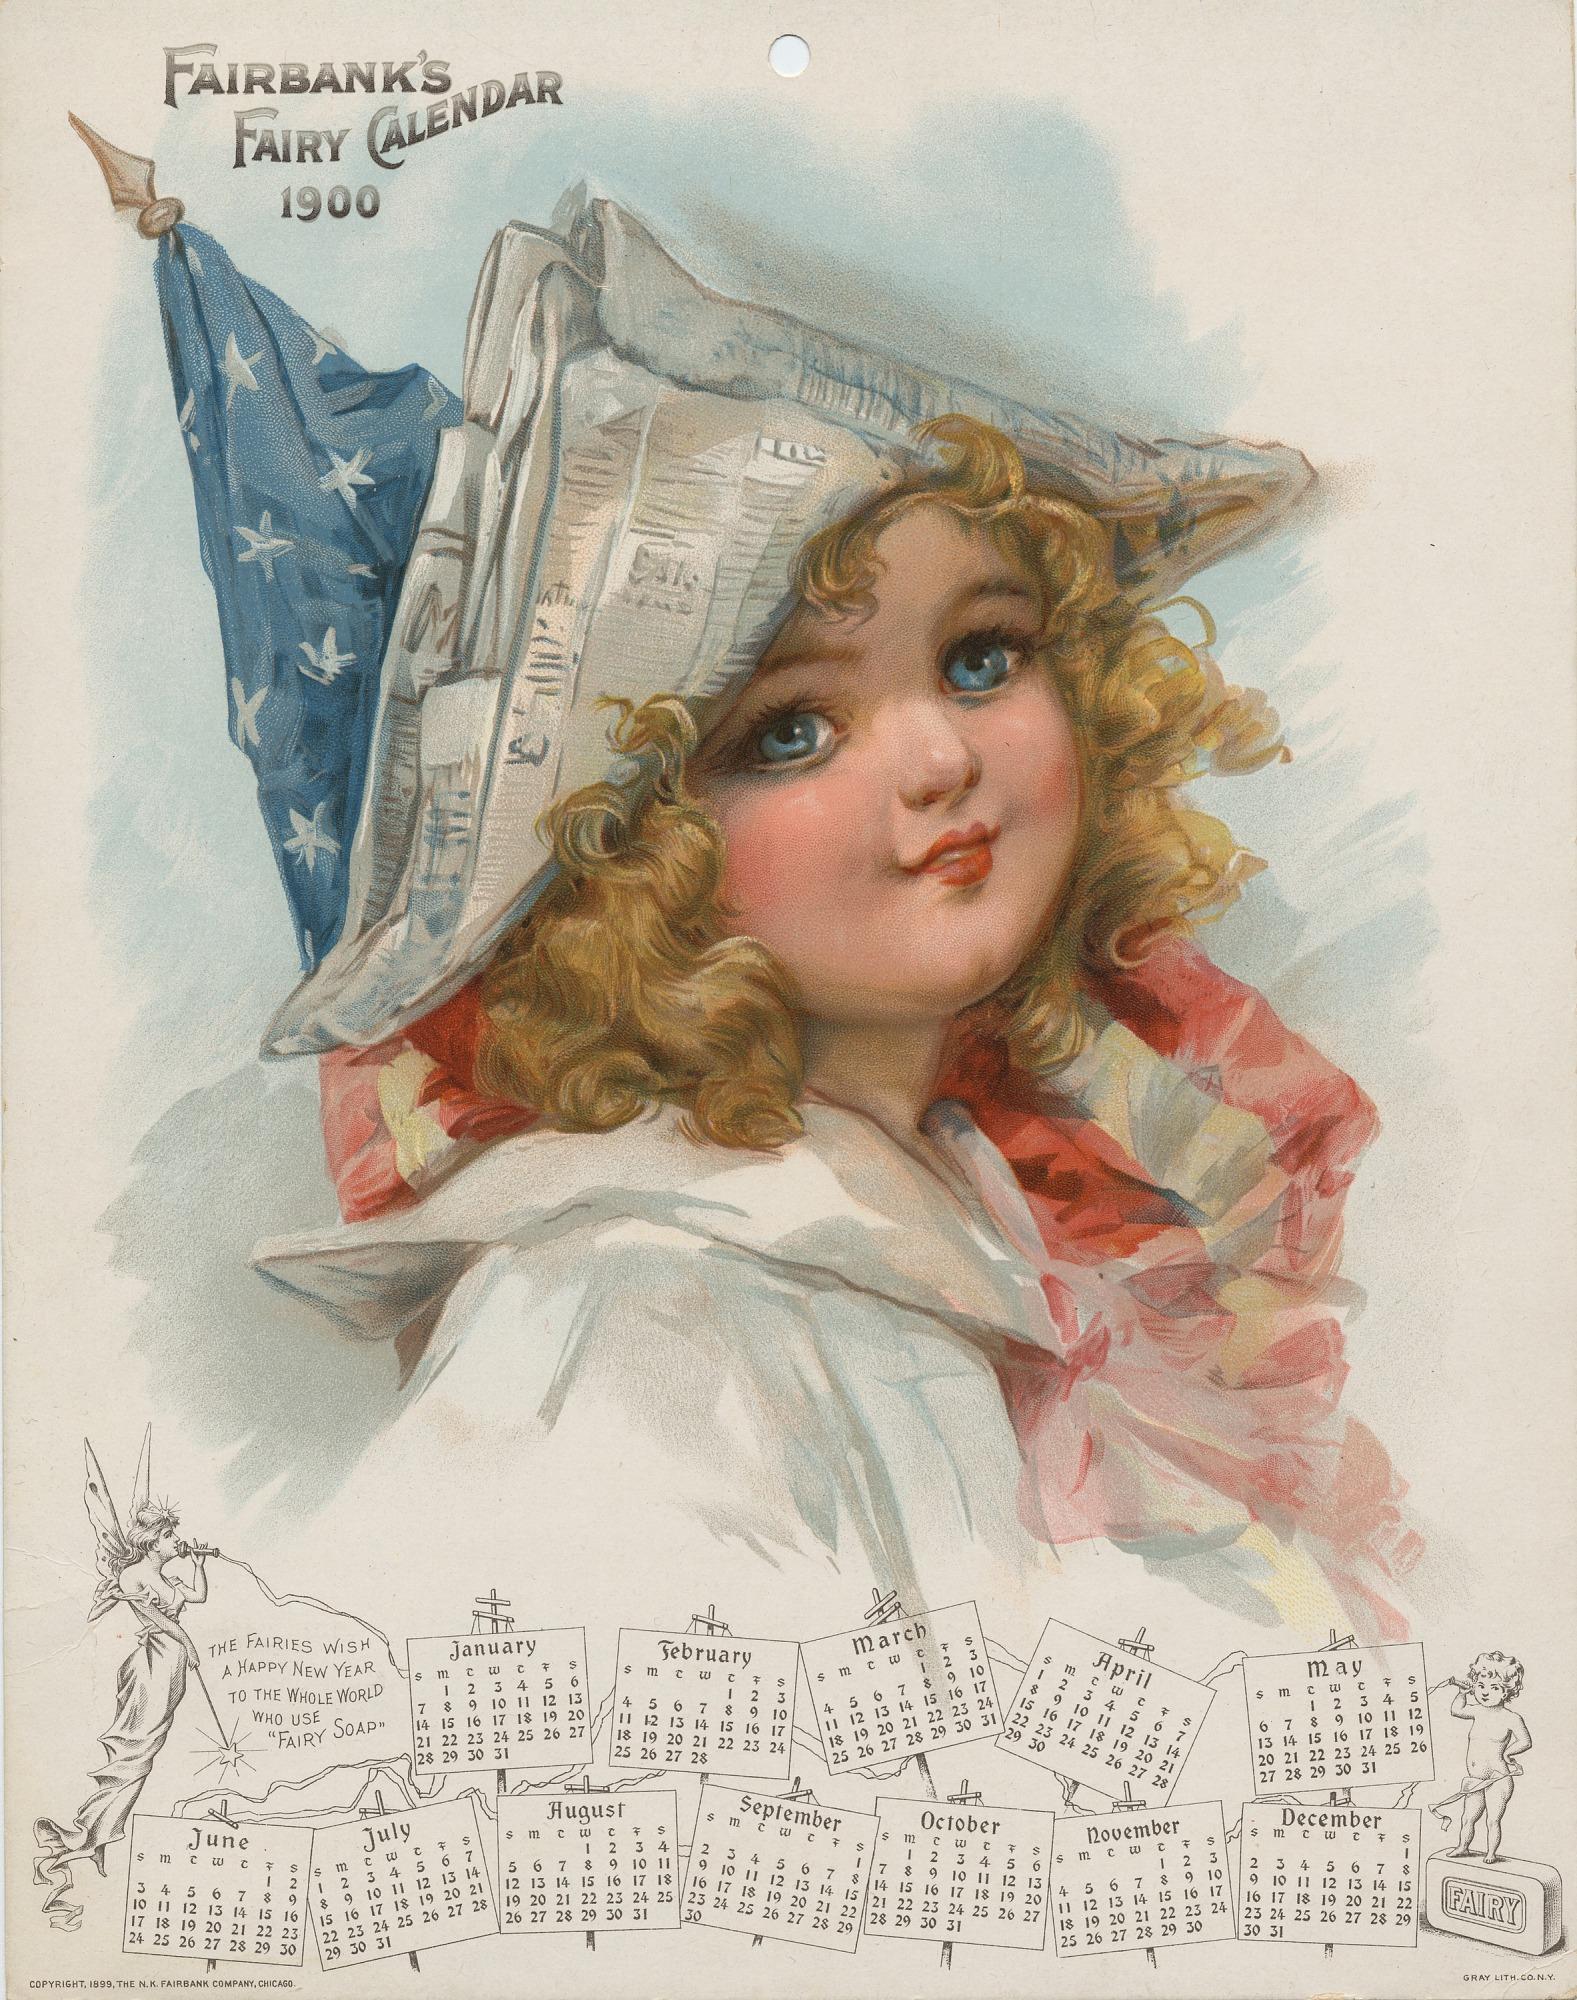 images for Fairbank's Fairy Calendar 1900. Calendar. 1899